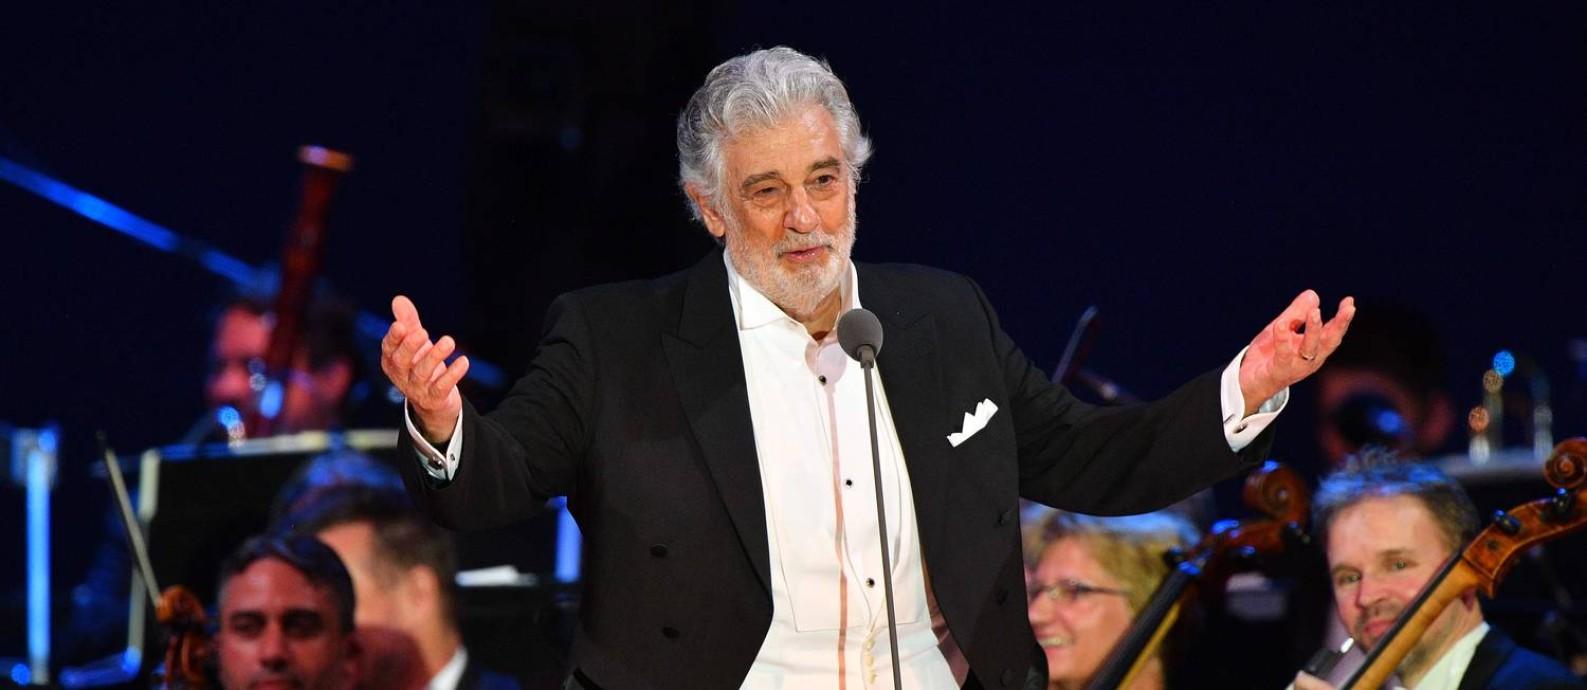 Plácido Domingo se apresenta em Szeged, na Hungria, em agosto de 2019: 'cancelado' nos Estados Unidos, tenor segue com carreira em alta na Europa Foto: ATTILA KISBENEDEK / AFP